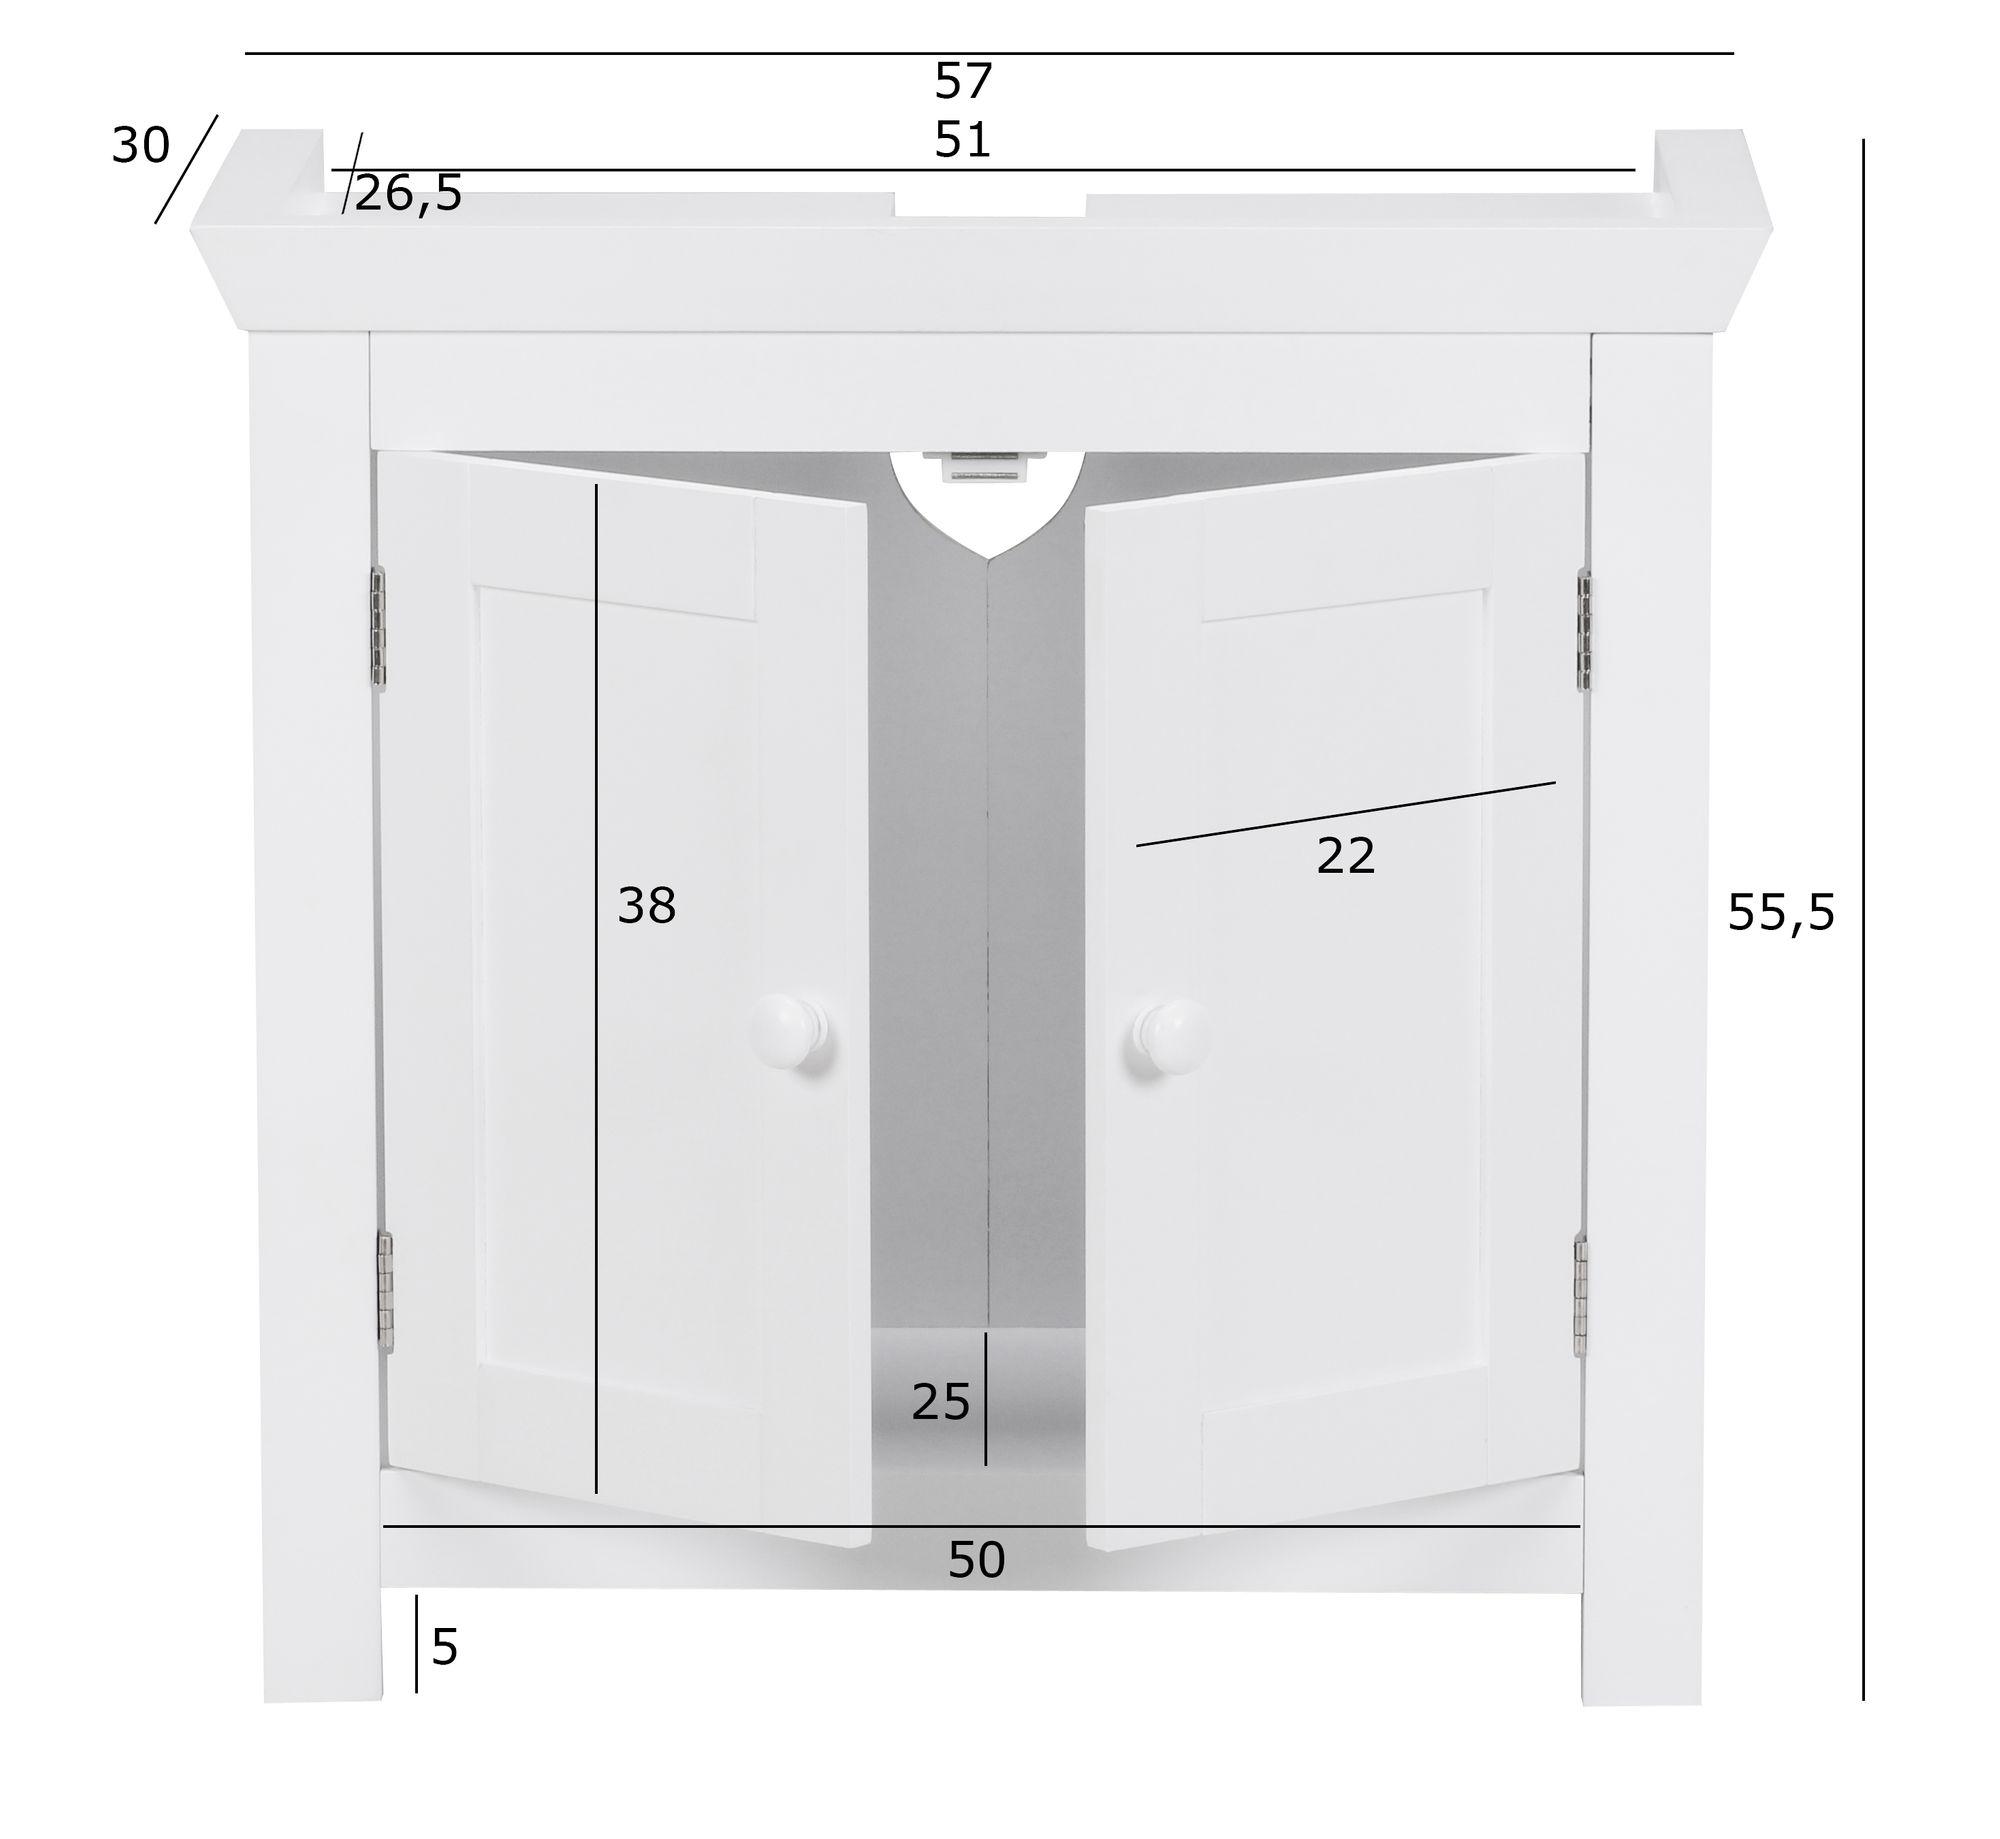 Finebuy Waschbeckenunterschrank Fb37103 Unterschrank Weiss 57 Cm